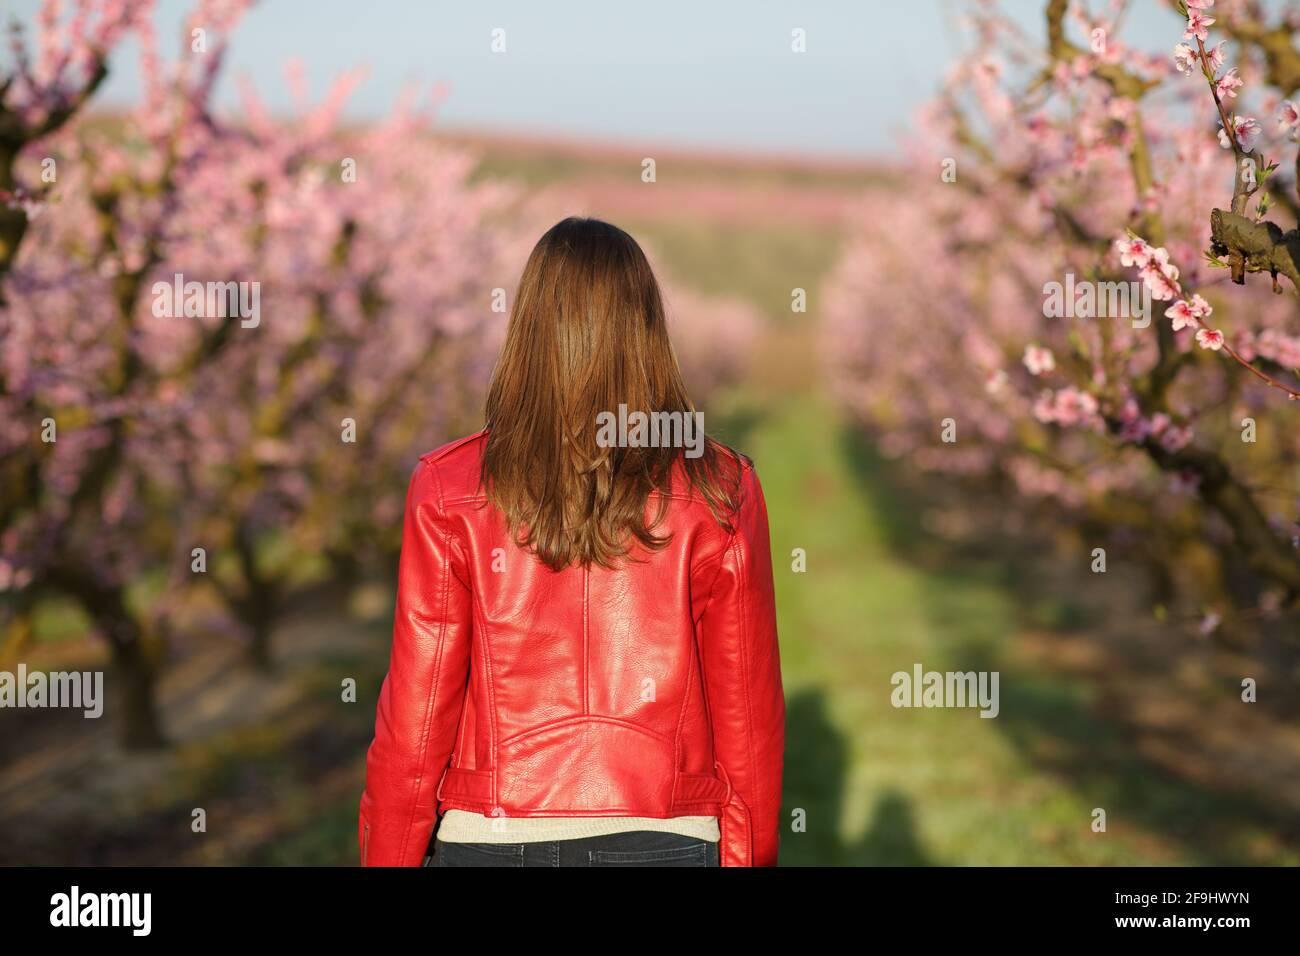 Vue arrière portrait d'une femme en rouge qui marche en travers un champ au printemps Banque D'Images